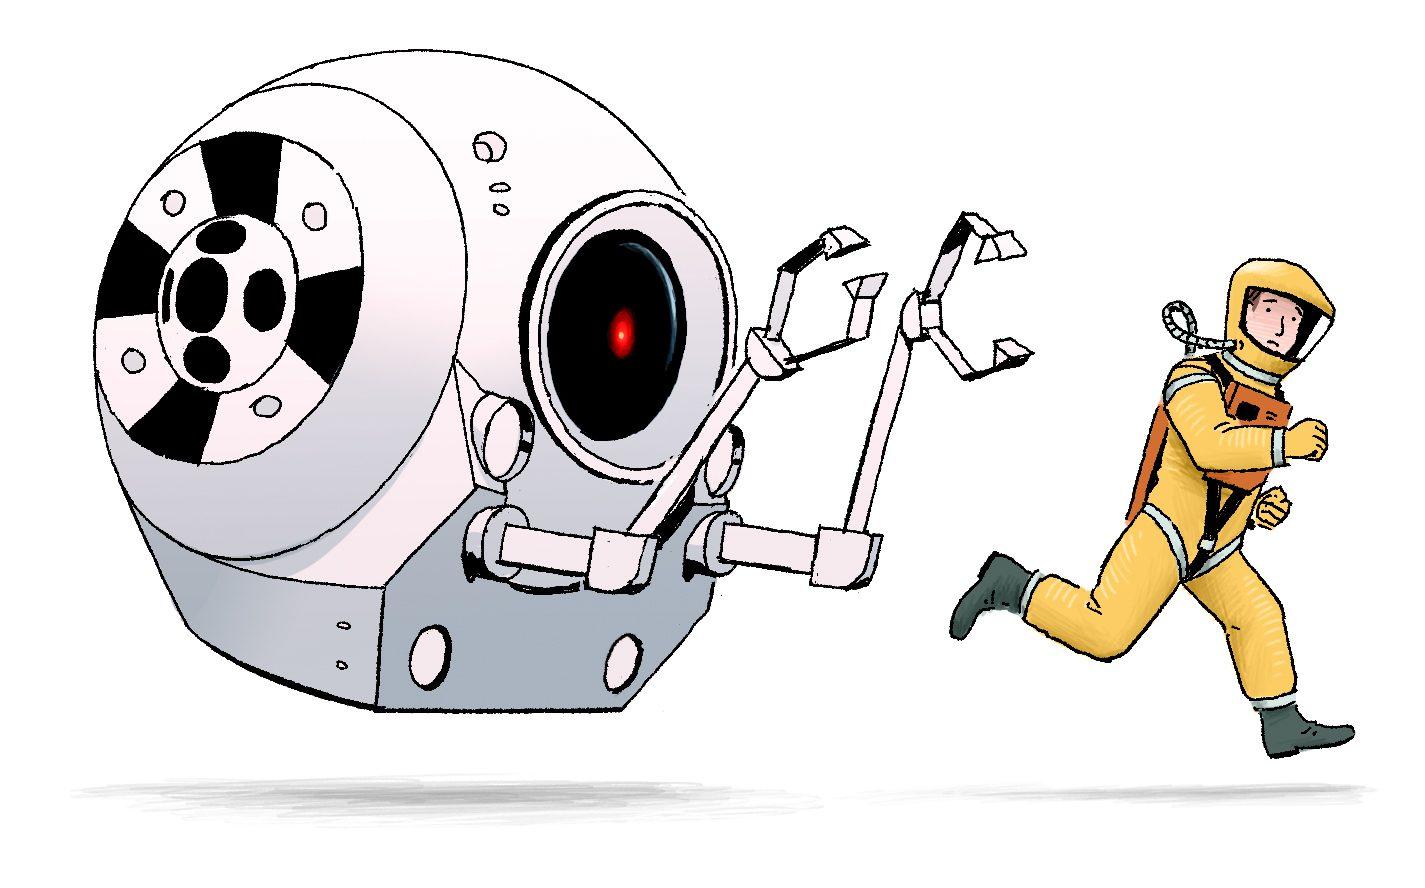 Robot chasing human